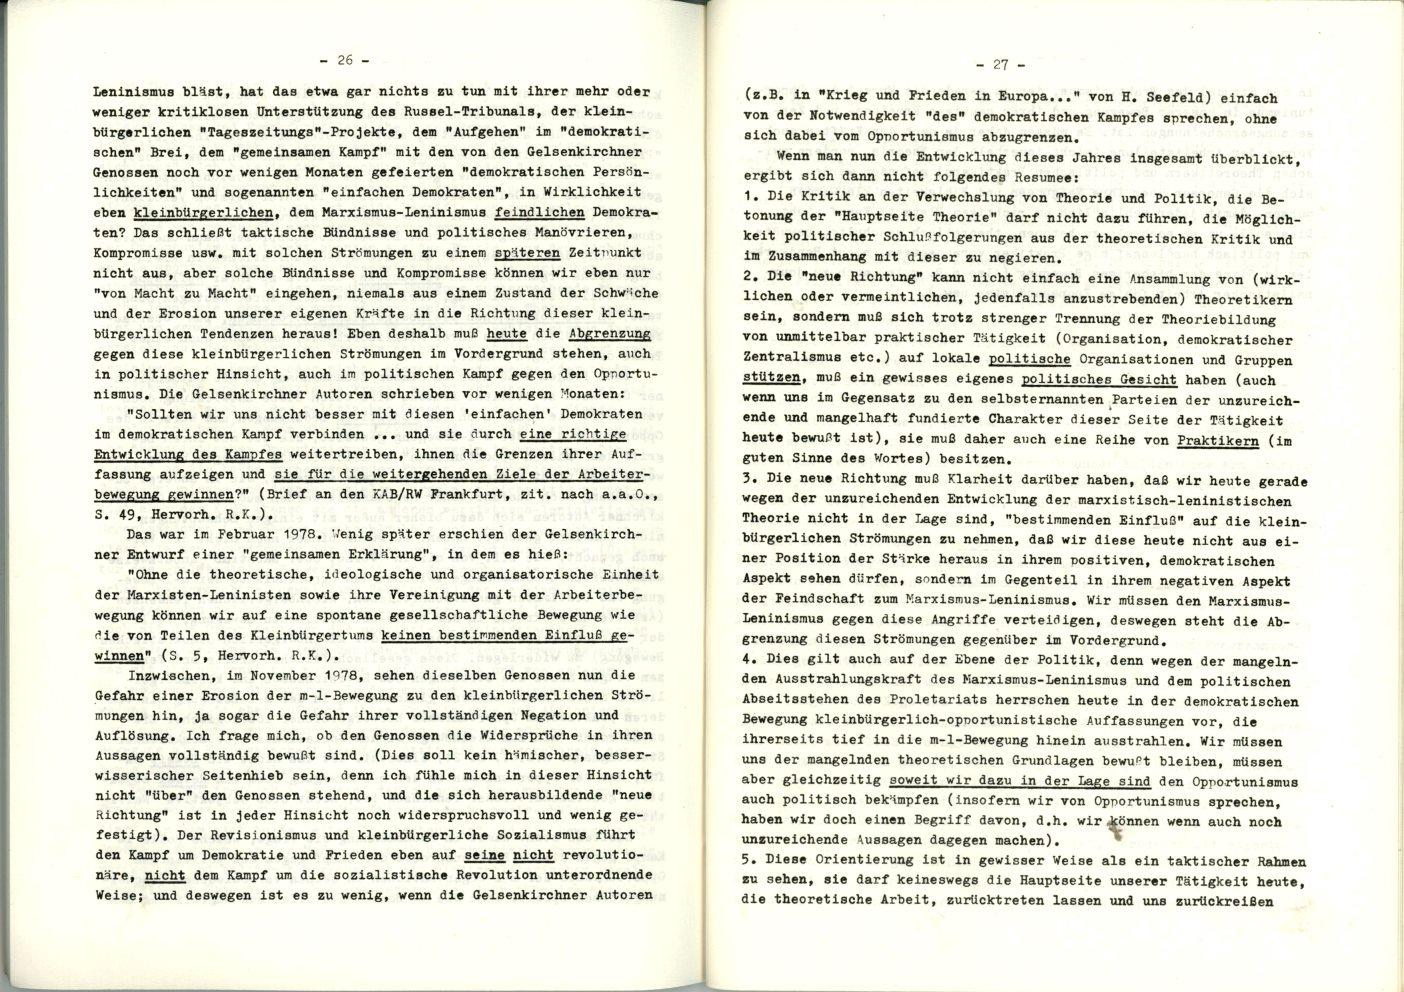 Nuernberg_Fuerth_Erlangen_ML_Diskussionsbeitraege_1979_02_14